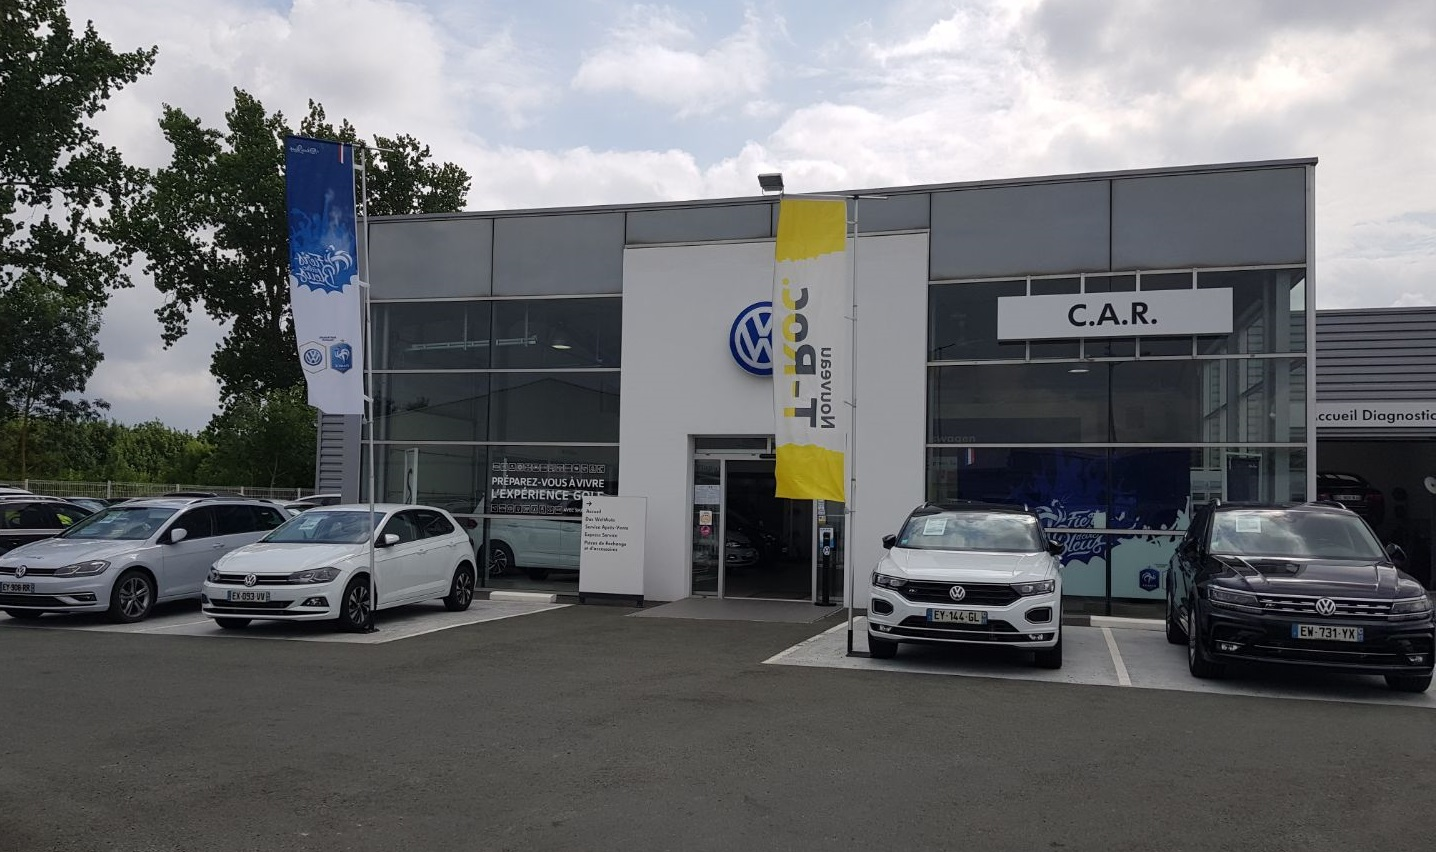 C.A.R. Tonnay-Charente (Rochefort) garage Volkswagen  17